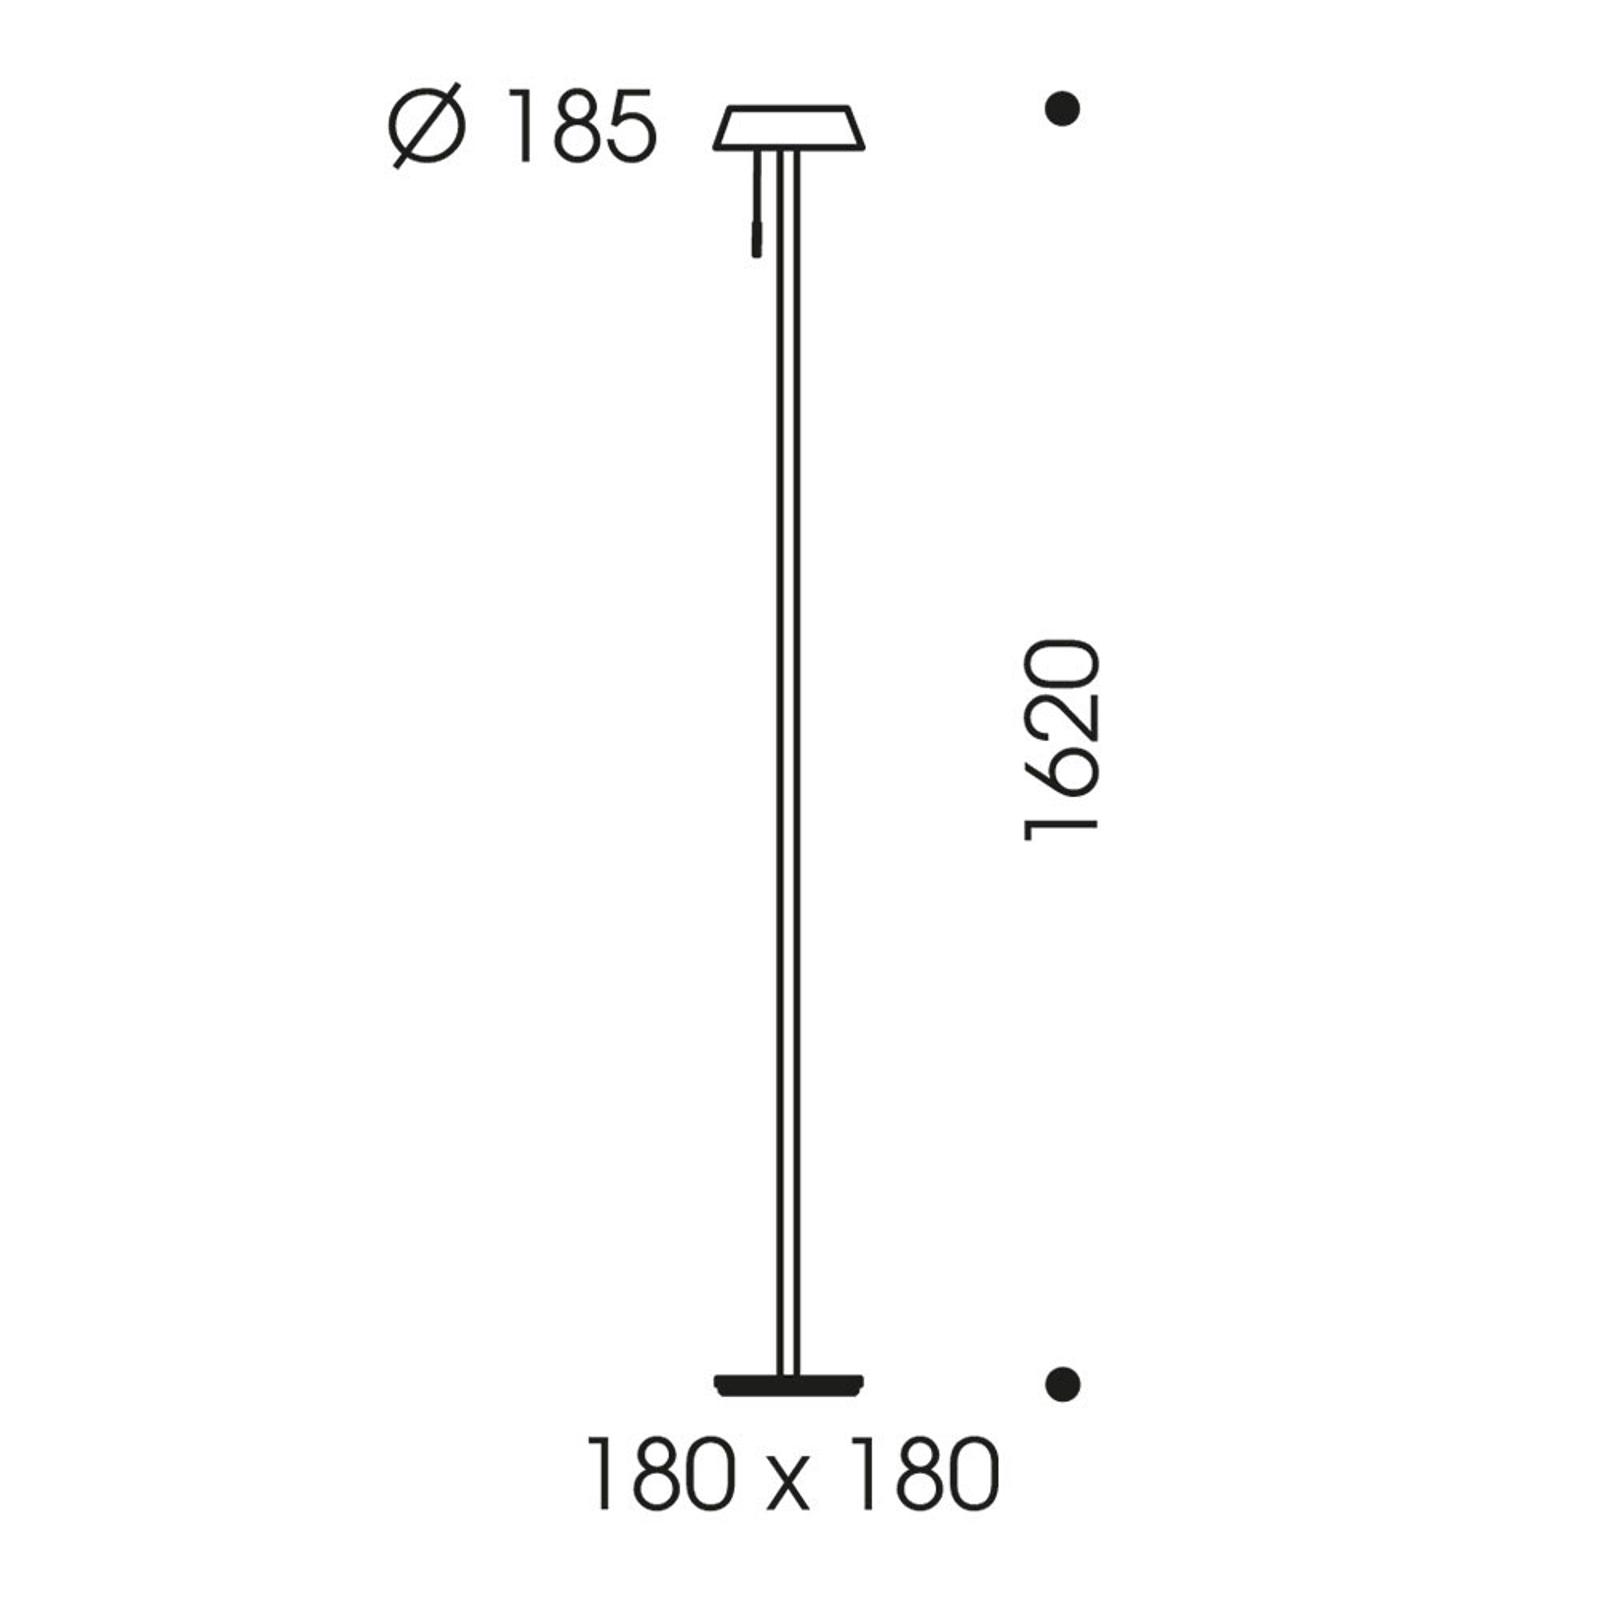 OLIGO Glance lampadaire LED rouge mat